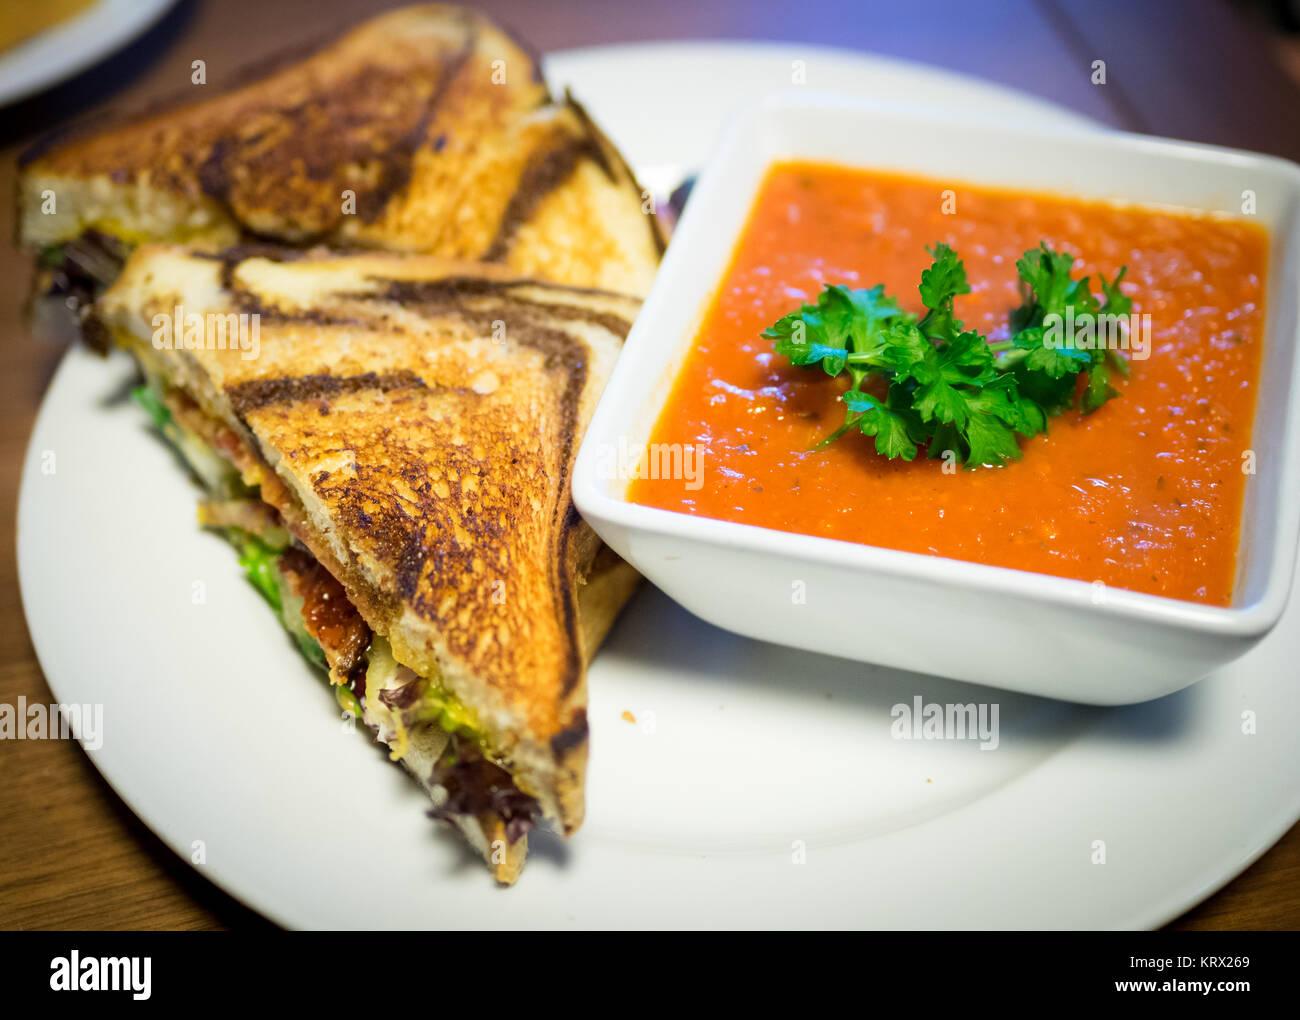 Un sandwich BLT (bacon, laitue, tomate sandwich) sur en pain de seigle et soupe de tomate de Culina Cafe à Photo Stock